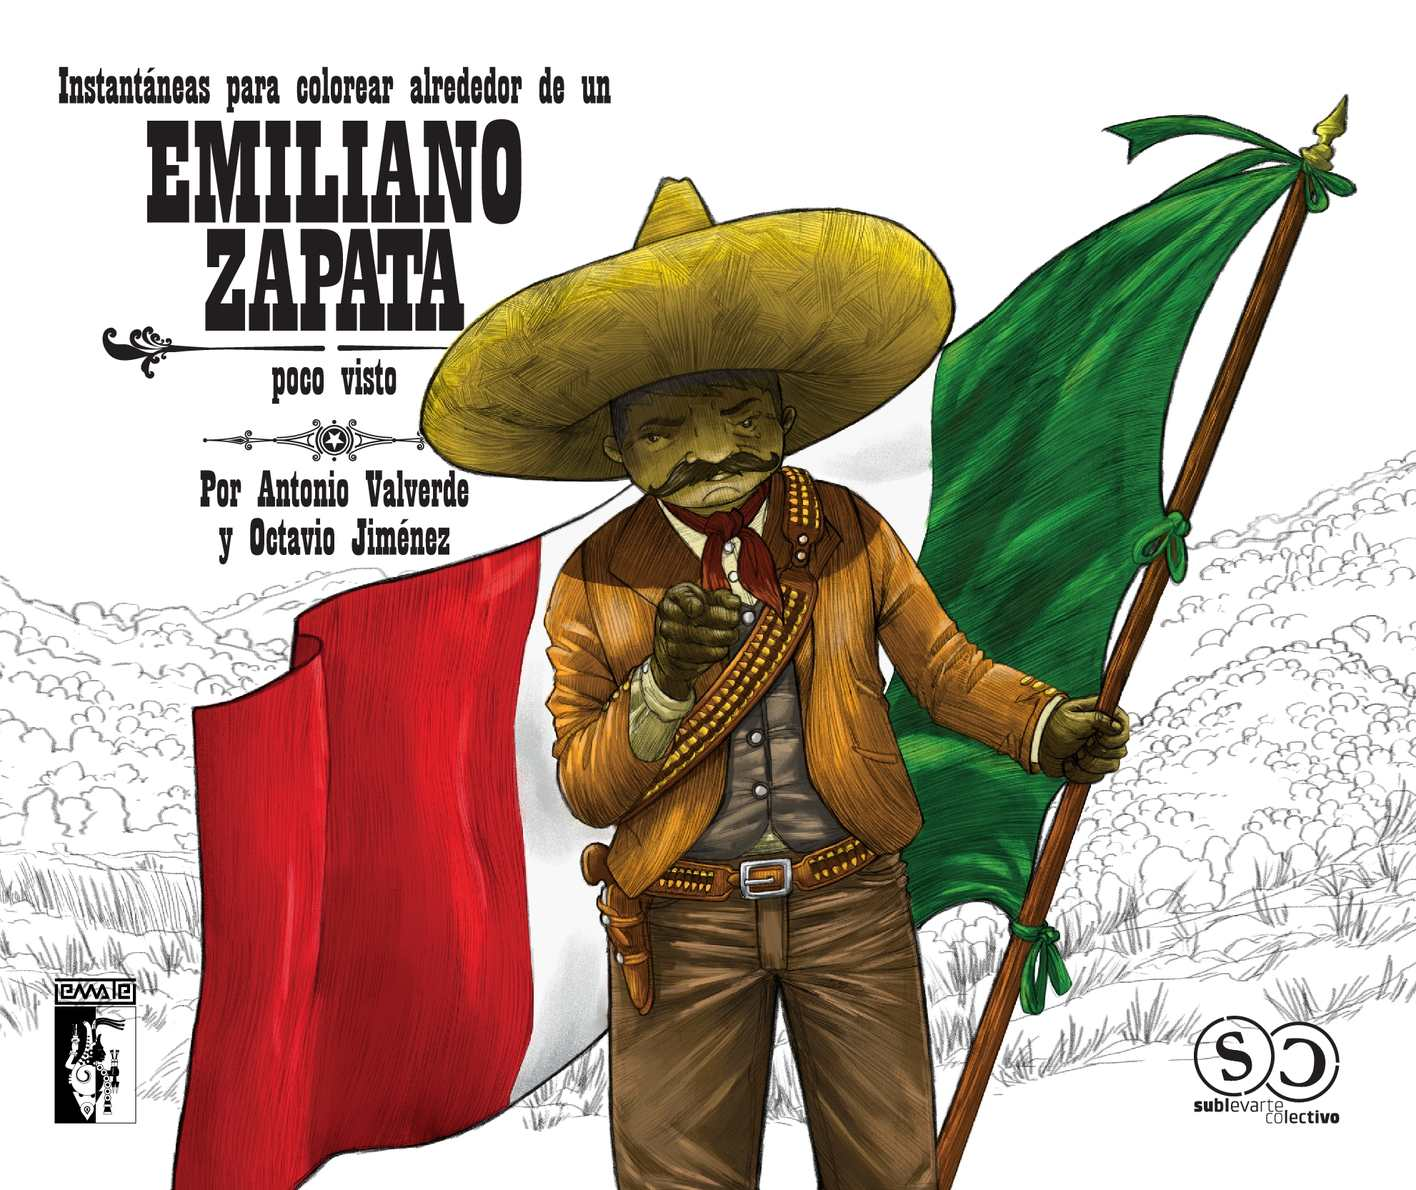 Calaméo - Instantaneas para colorear alrededor de un Emiliano Zapata ...